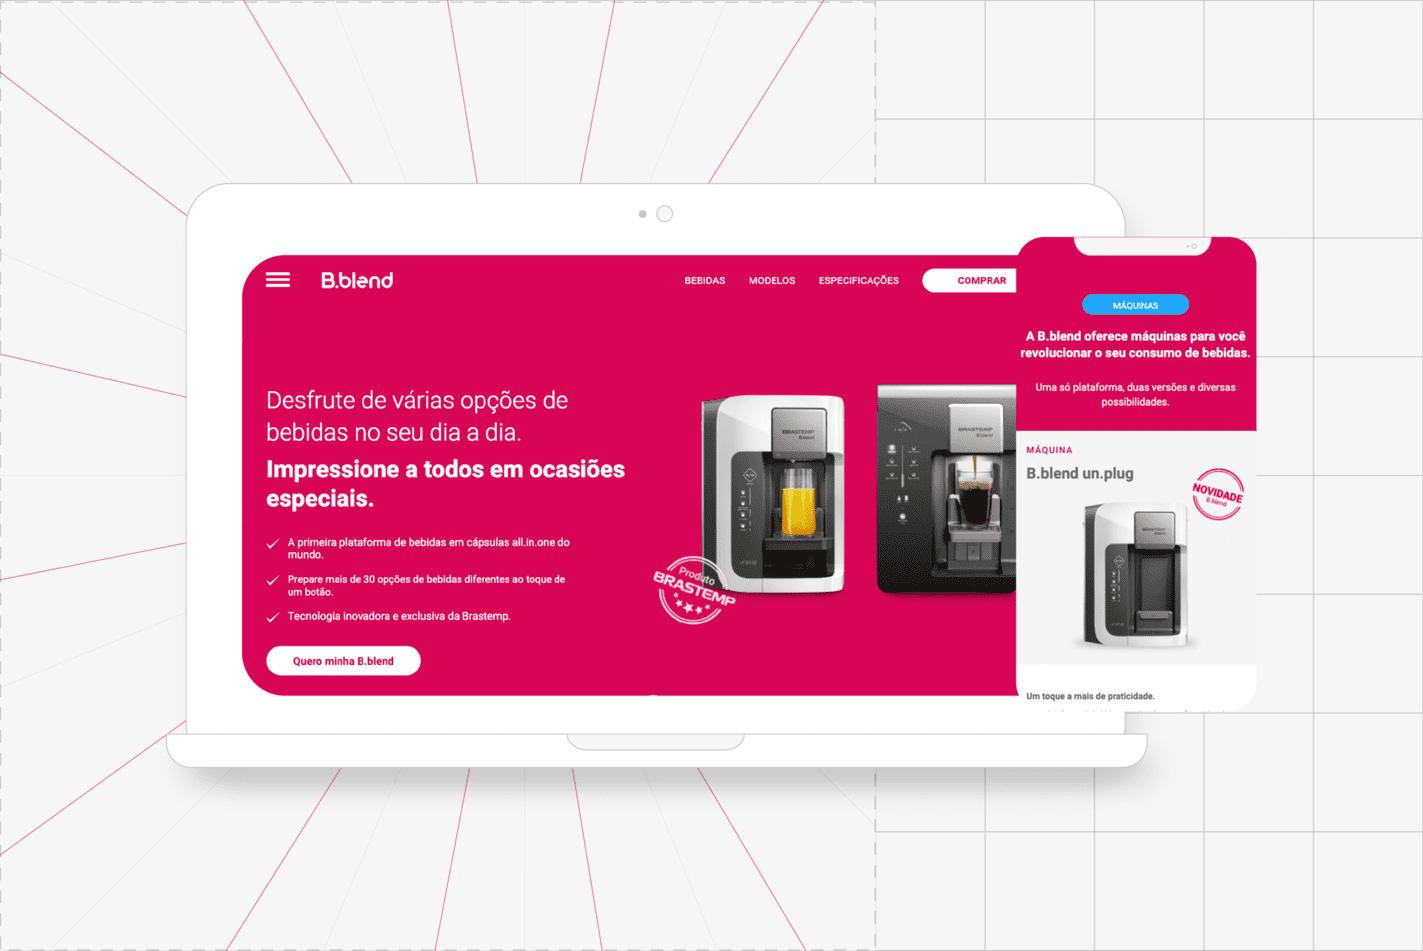 design de interface bblend pesquisa do usuário